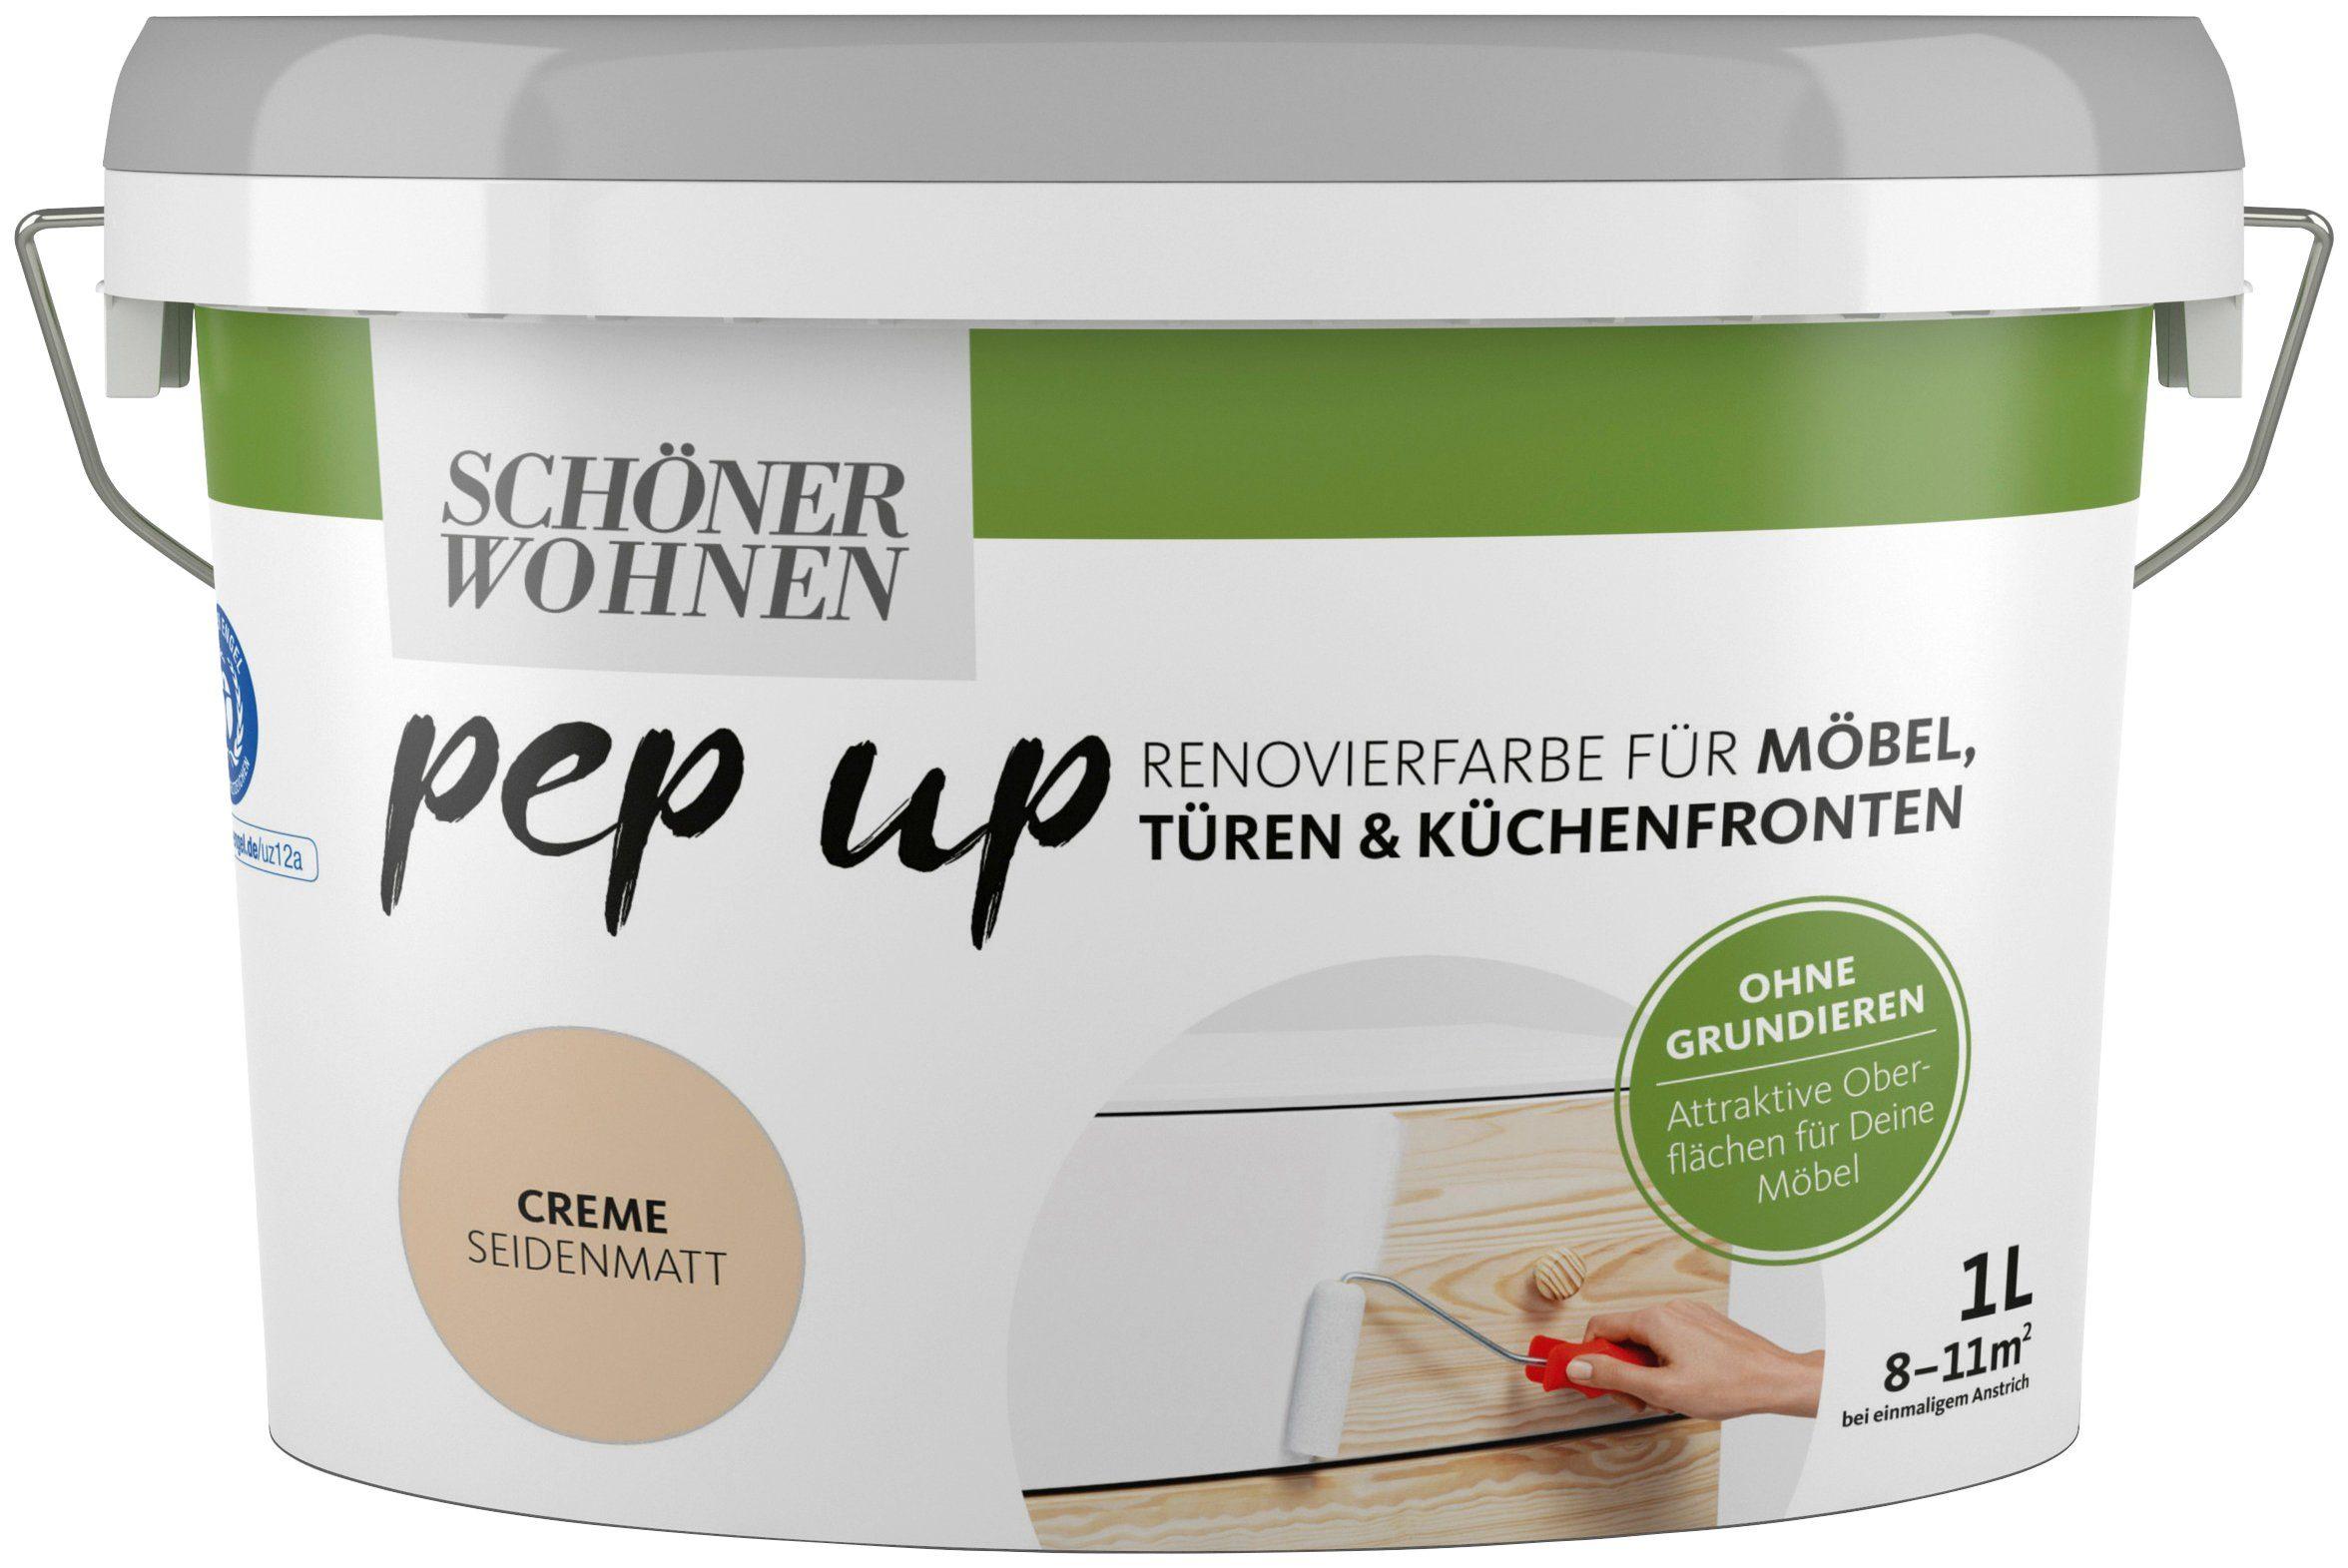 SCHÖNER WOHNEN FARBE Renovierfarbe »pep up - creme«, seidenmatt, für Möbel, Türen und Küchenfronten, 1 l